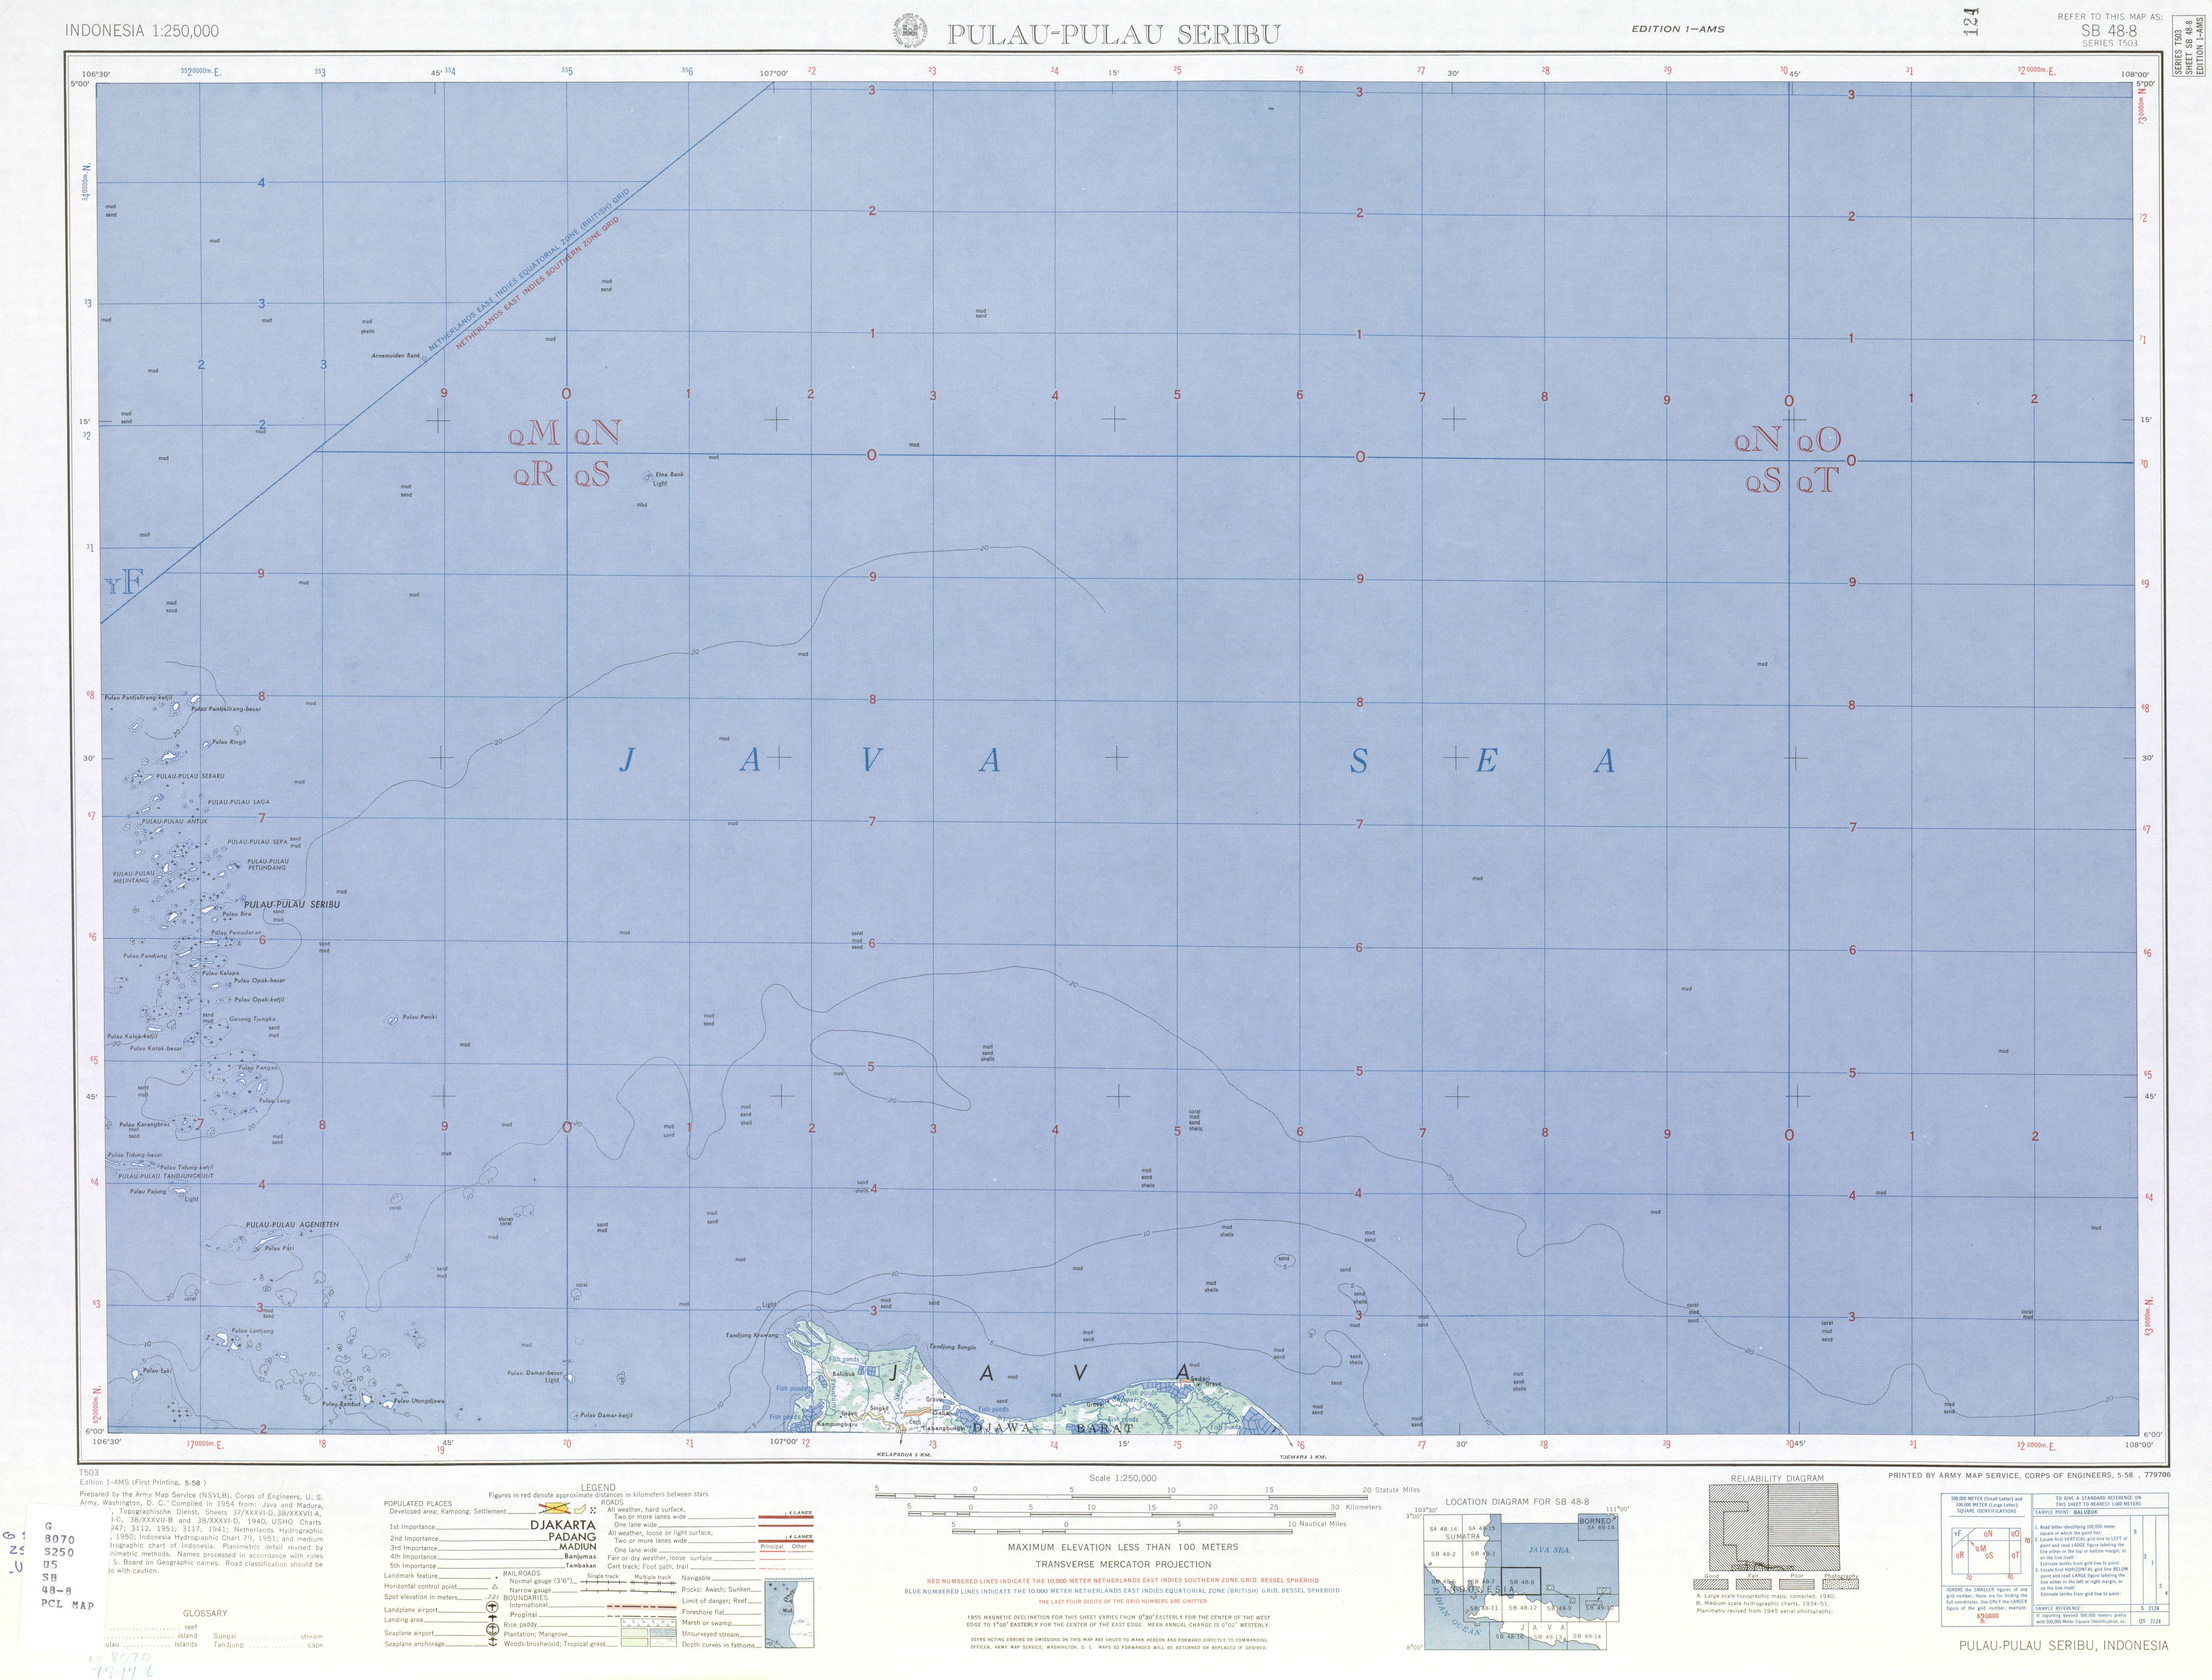 Pulau-Pulau Seribu